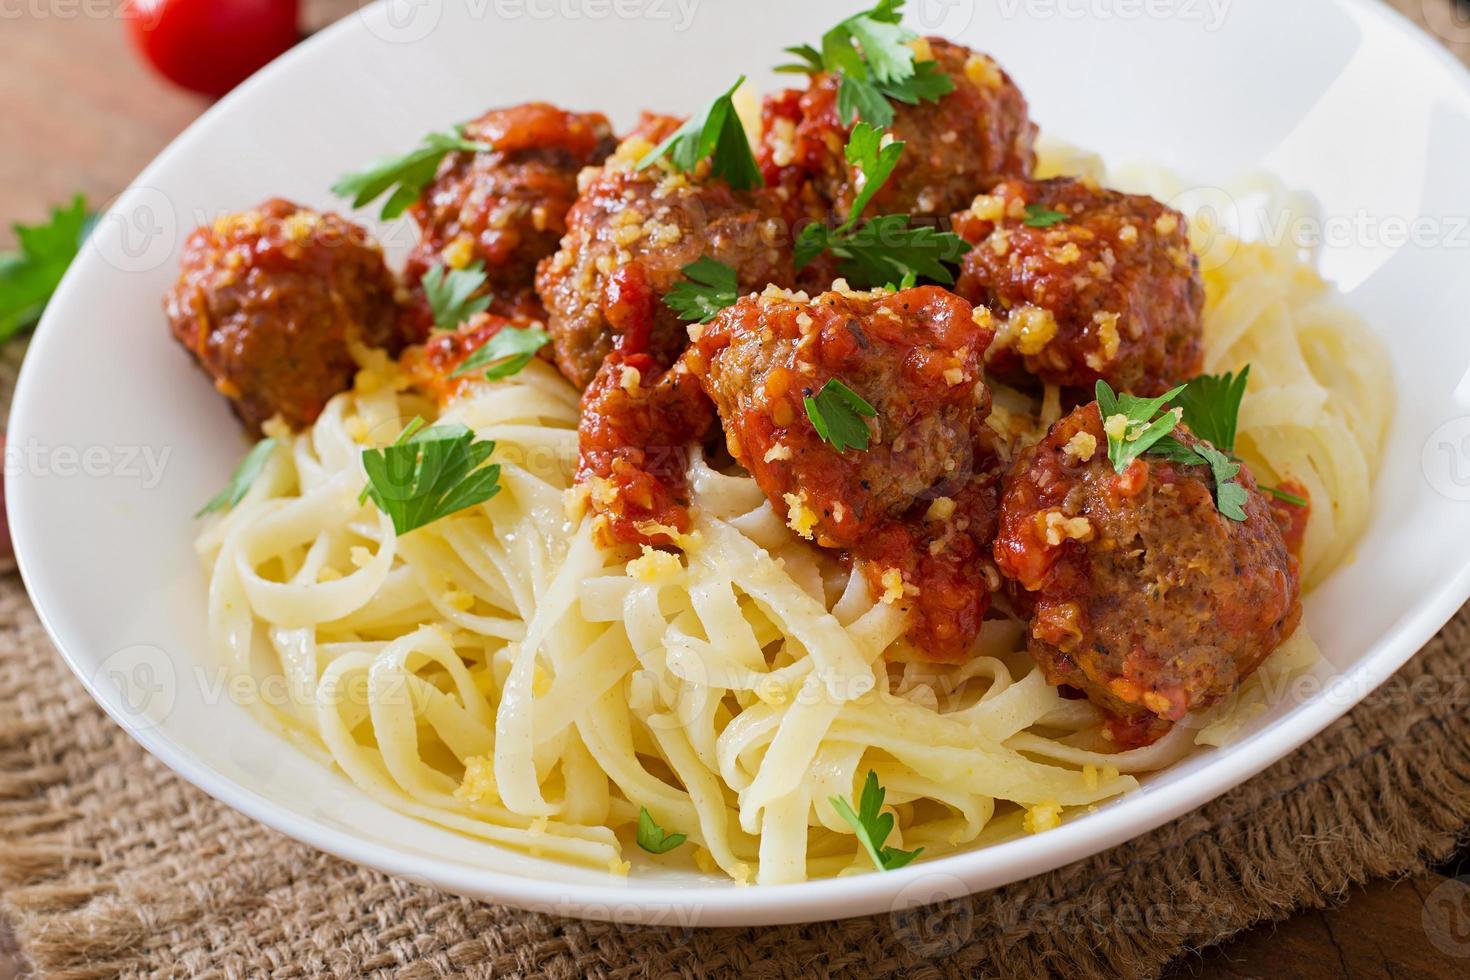 Fettuccine Nudeln mit Fleischbällchen in Tomatensauce foto